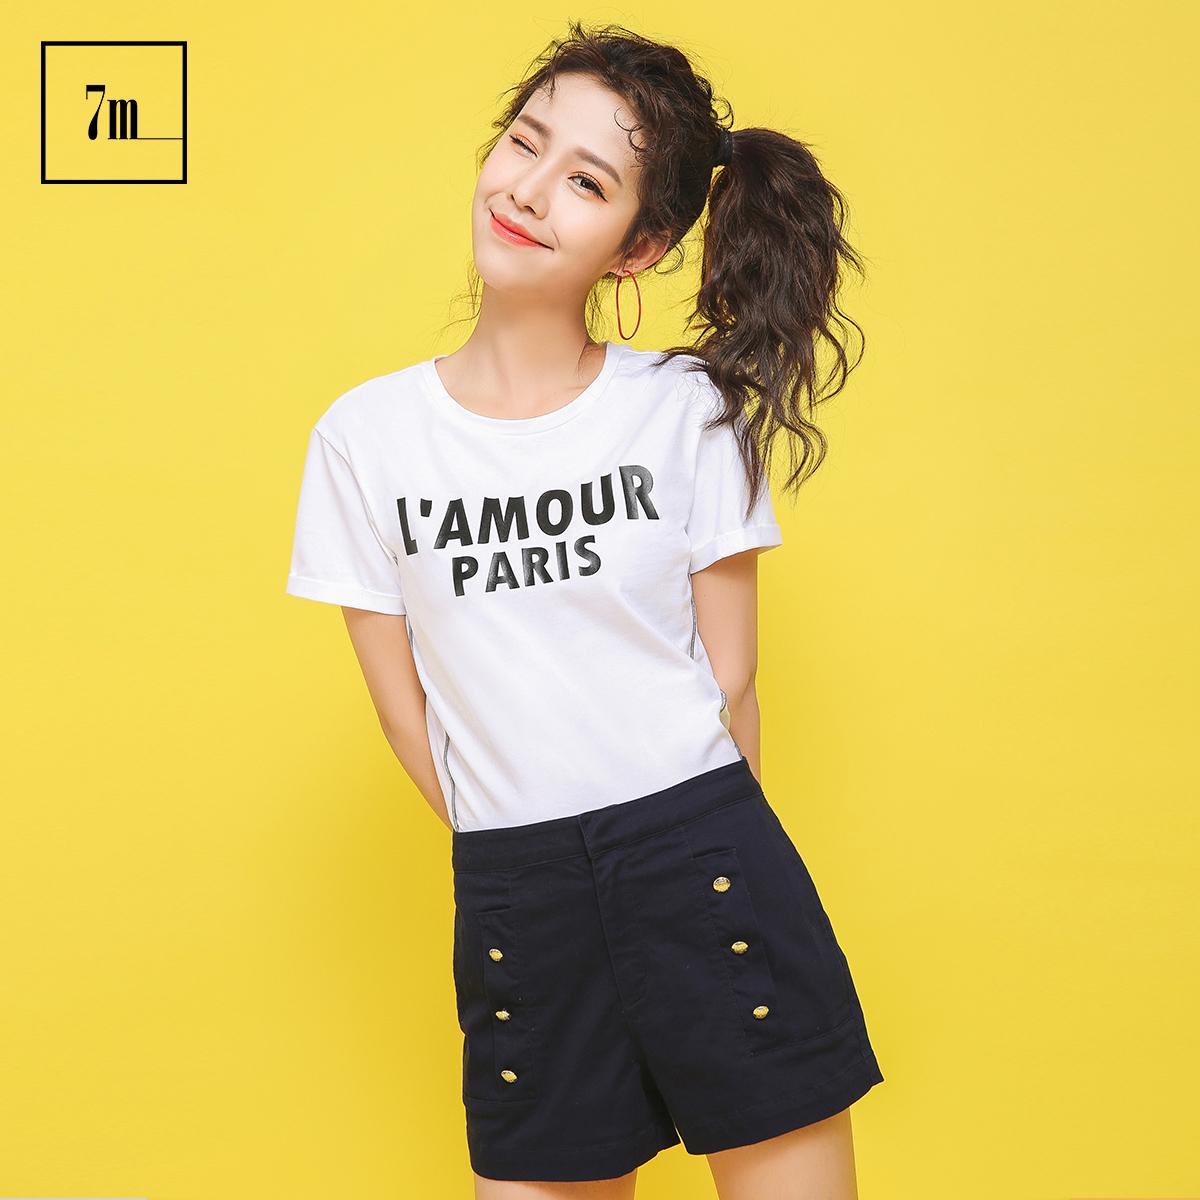 宽松短袖拉夏贝尔7m2017夏装新款韩版字母印花打底衫内搭t恤女